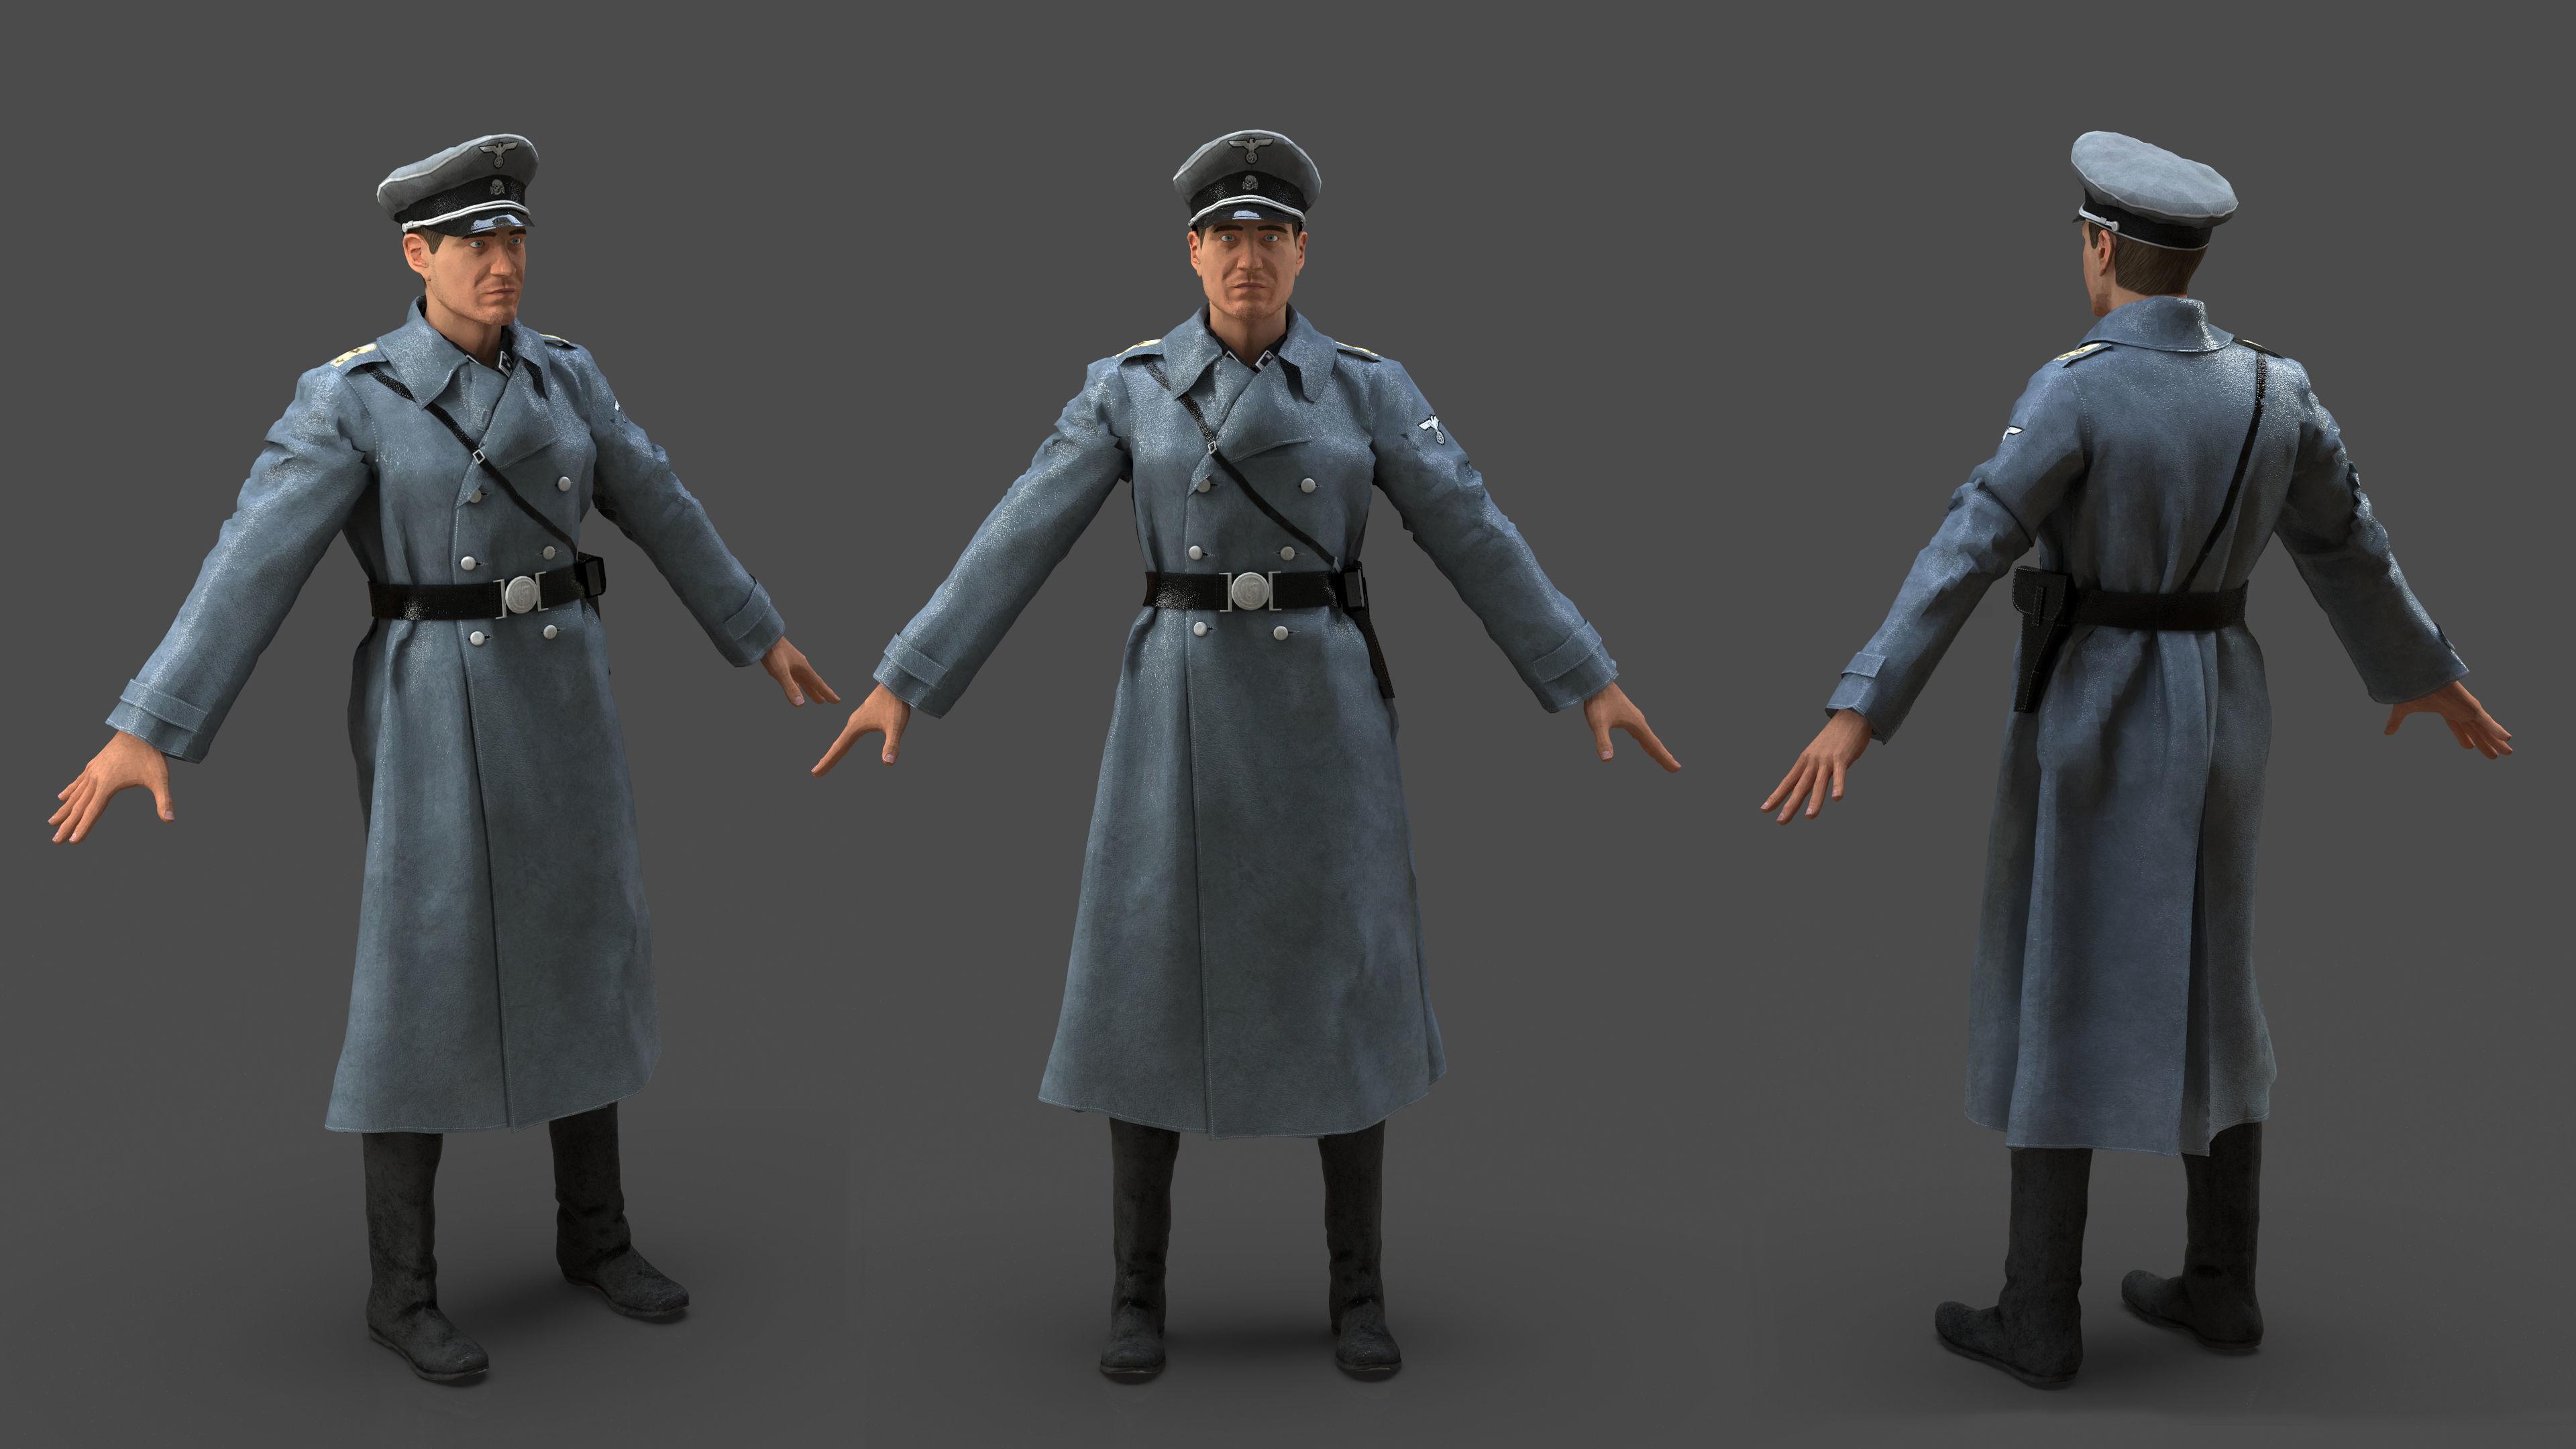 Herr Kommandant